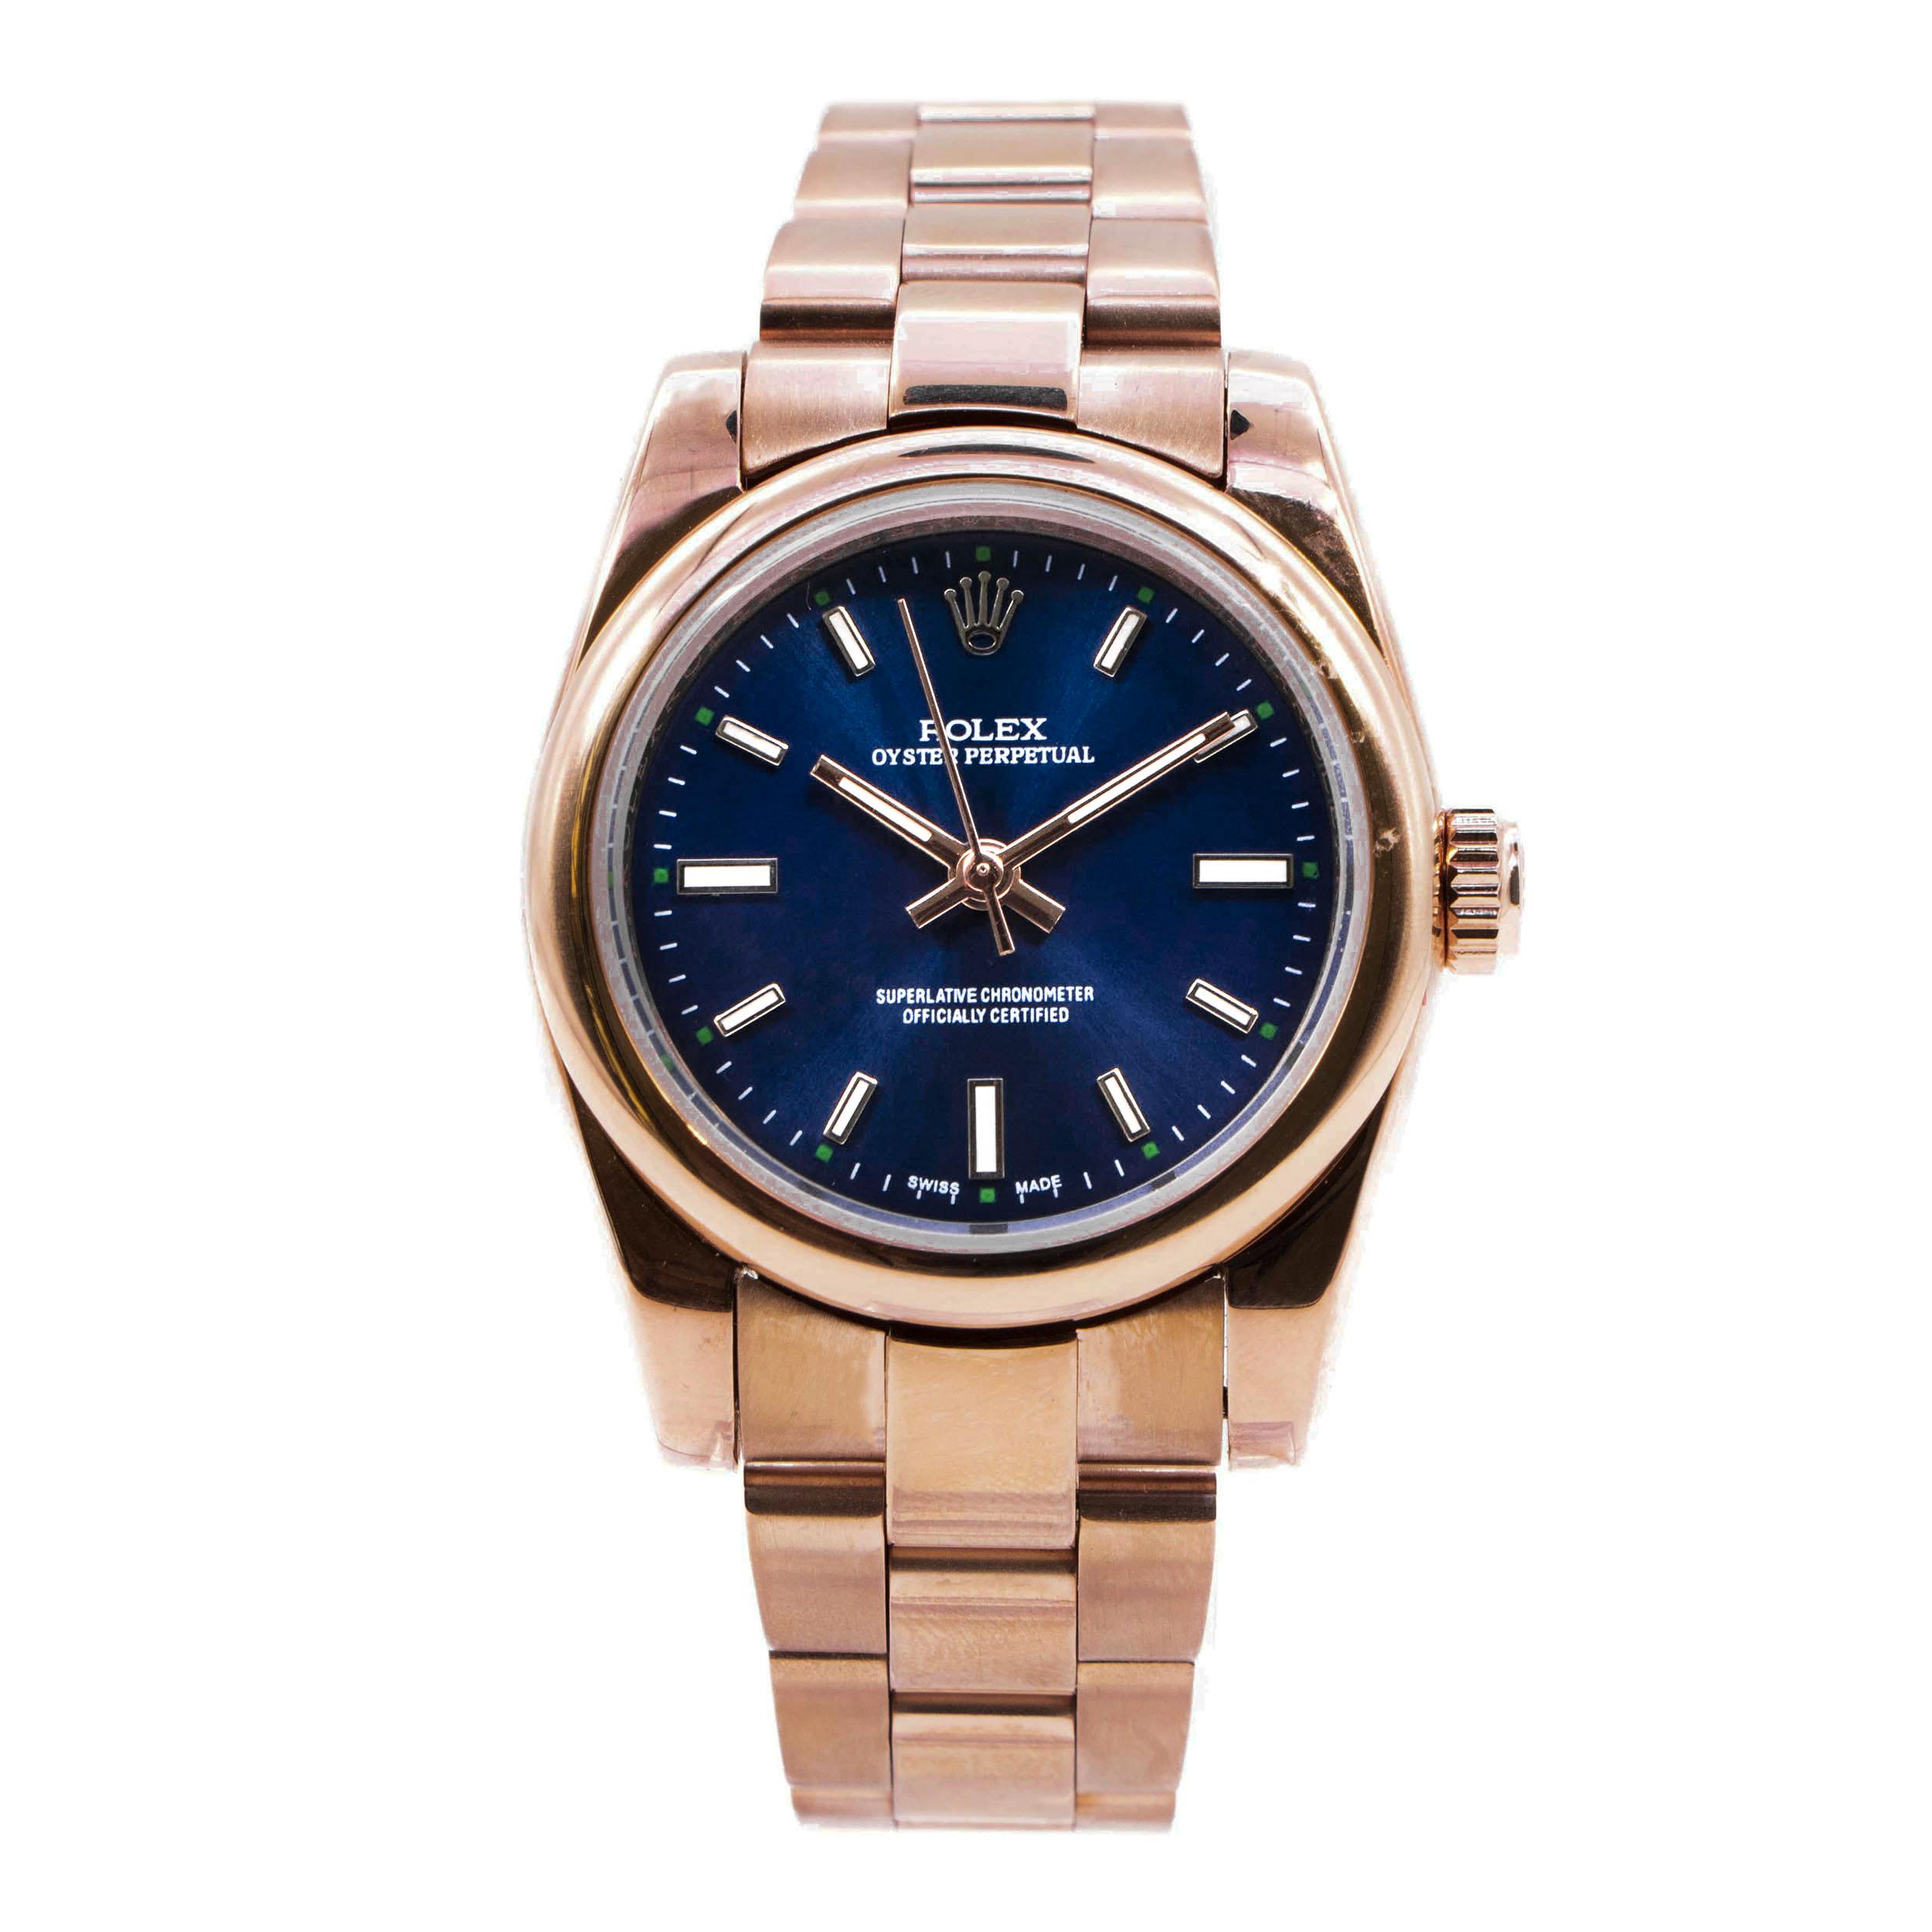 ساعت مچی عقربه ای مدل ROX OYS کد 011025